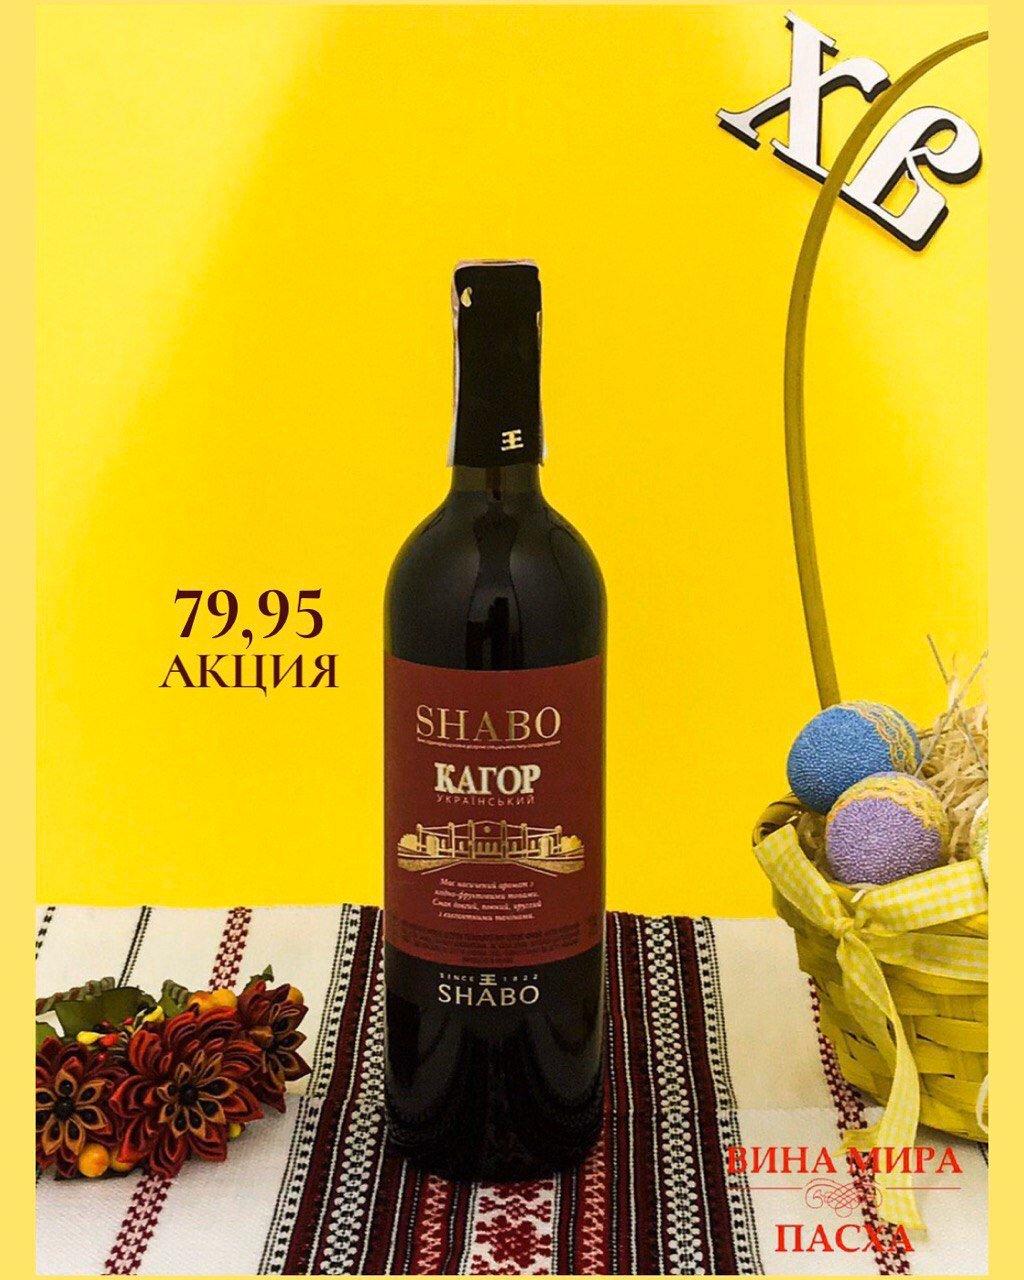 Лучшие вина к Пасхальному Воскресенью, фото-11